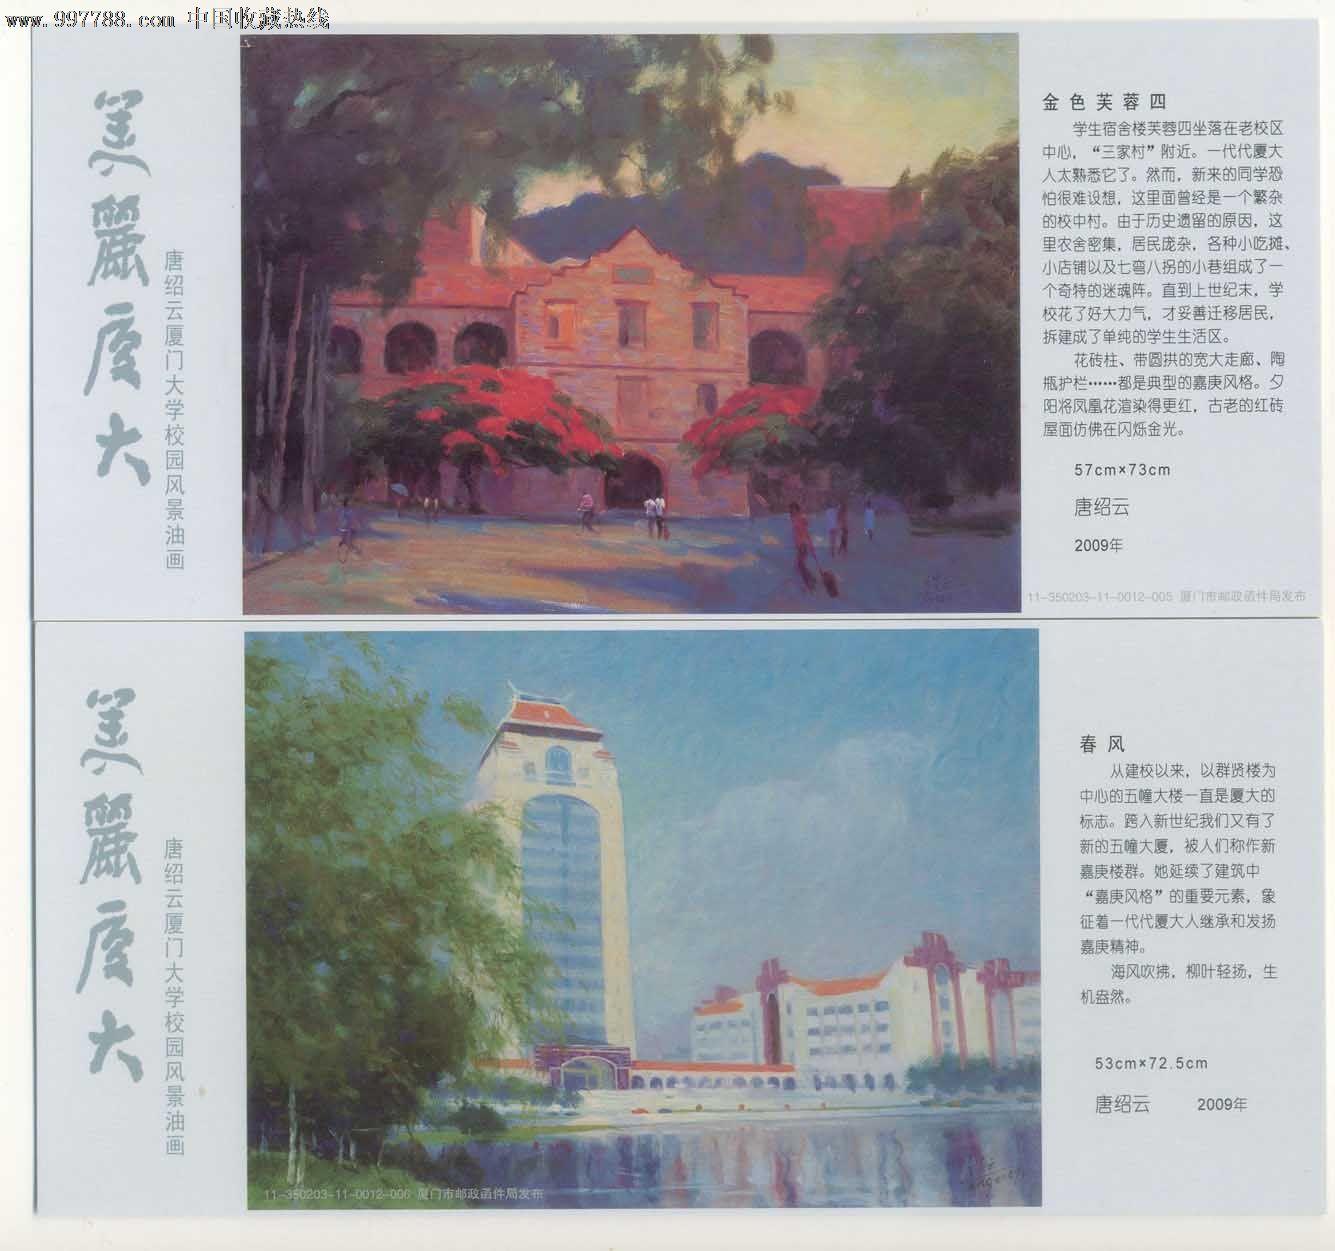 美丽厦大-唐绍云厦门大学校园风景油画_明信片/邮资片